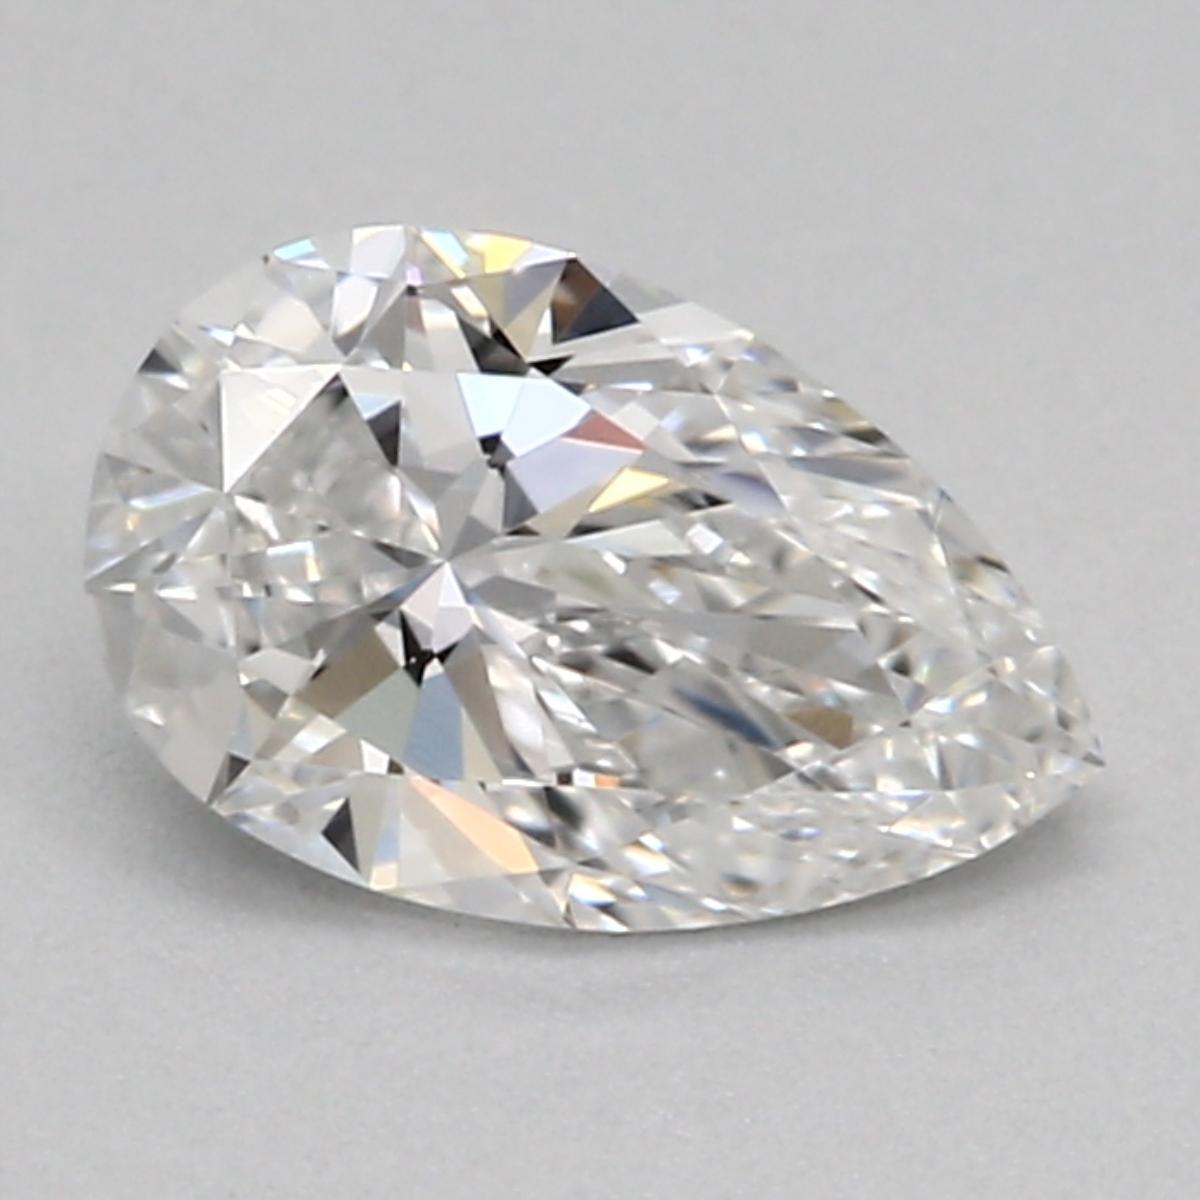 0.30 ct Pear Shape Diamond : D / VS1